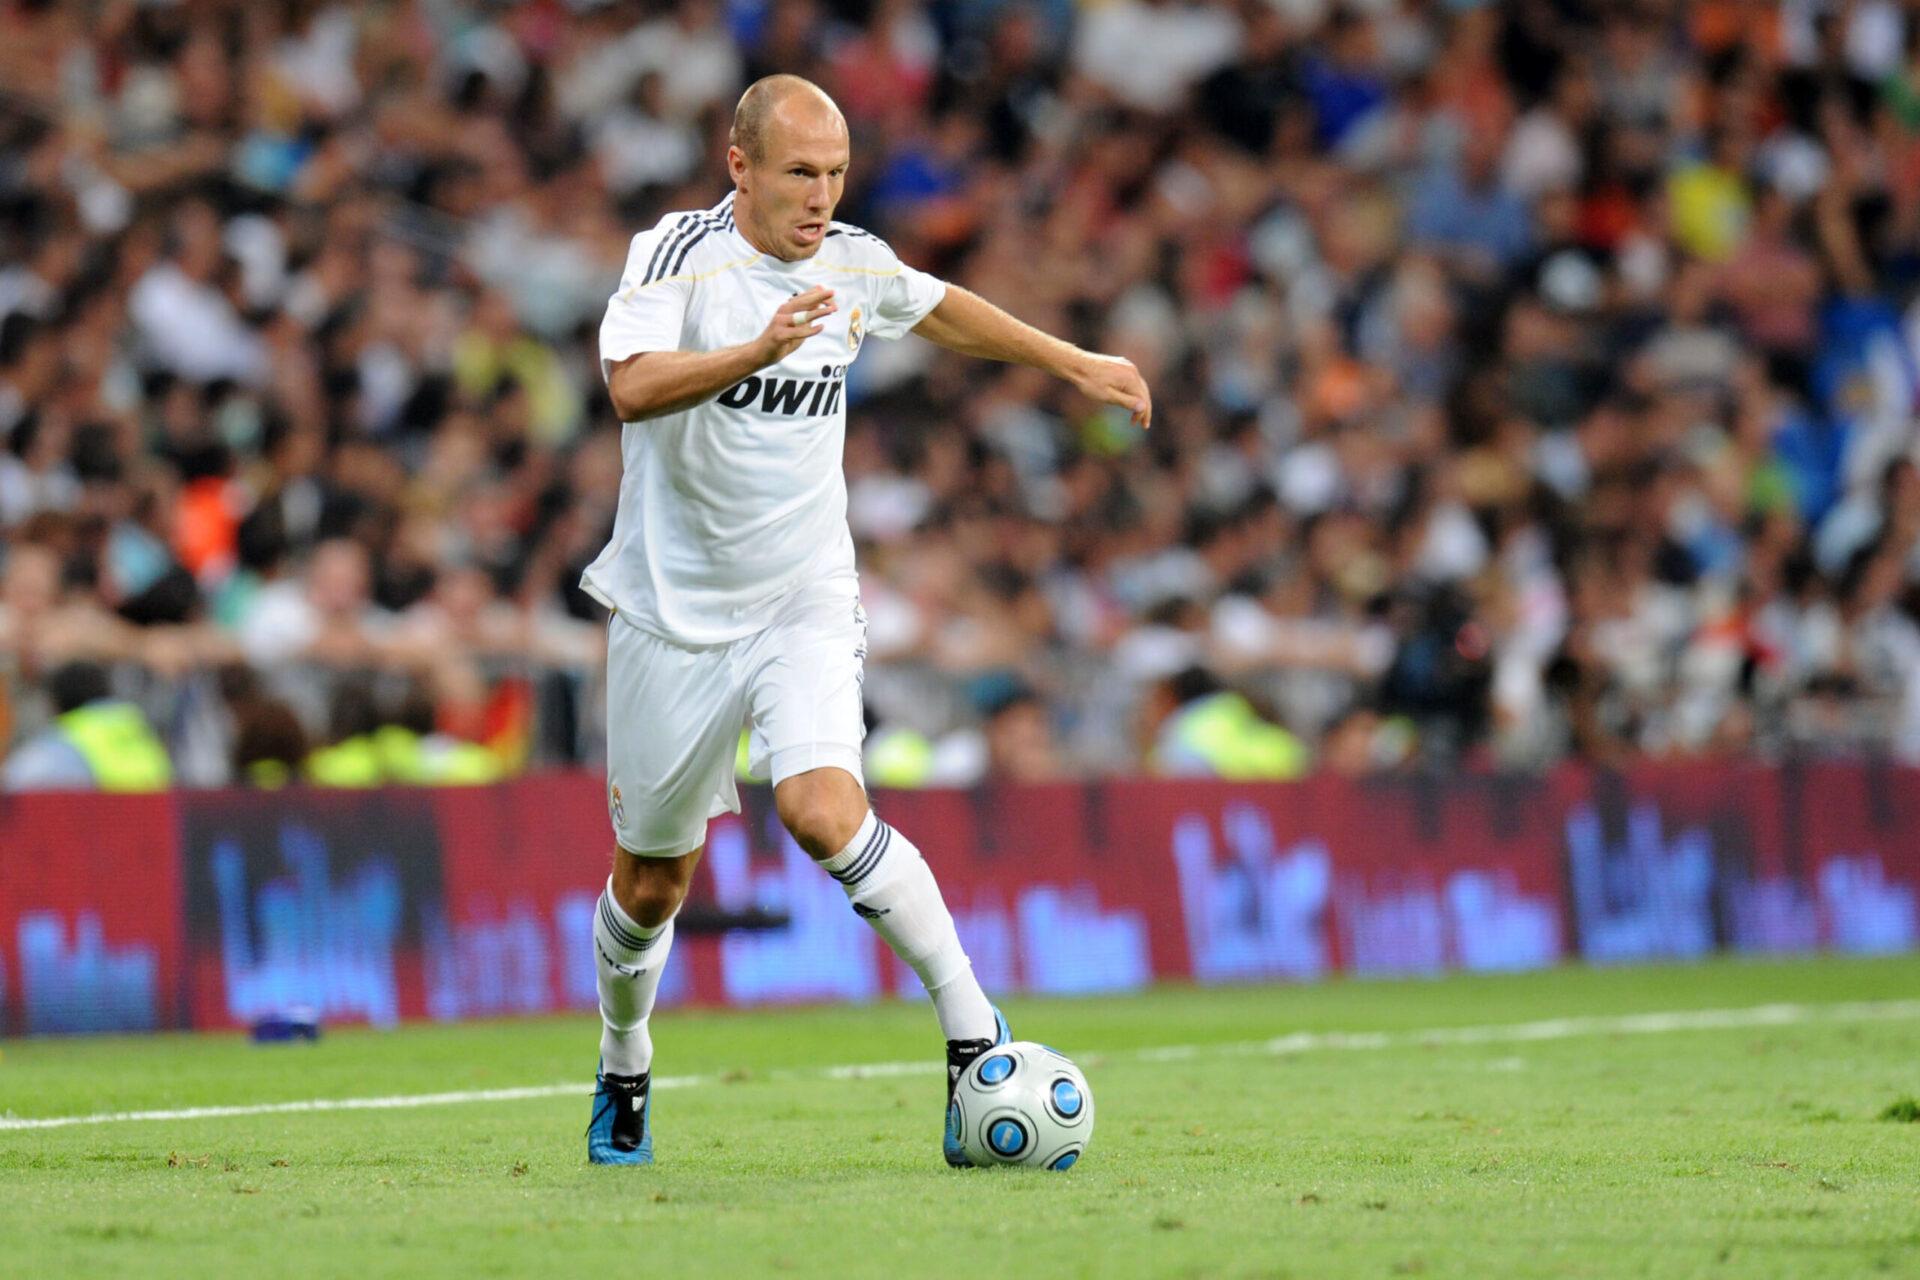 Après deux saisons à Chelsea et deux au Real, Arjen Robben a trouvé de la continuité au Bayern Munich à l'été 2009 (iconsport)